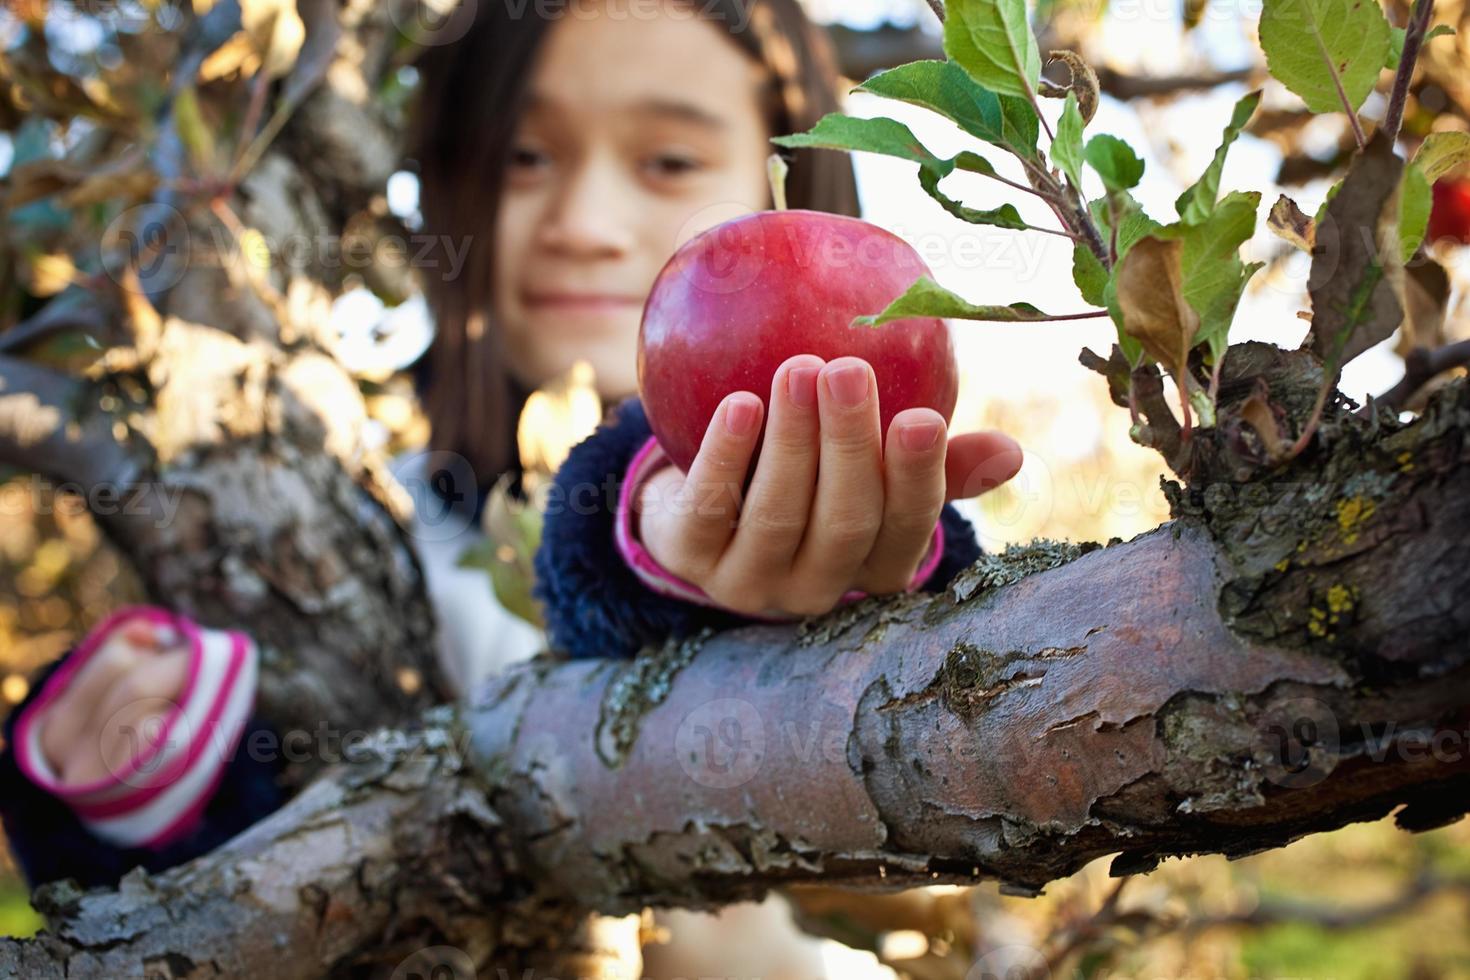 recogiendo manzanas foto